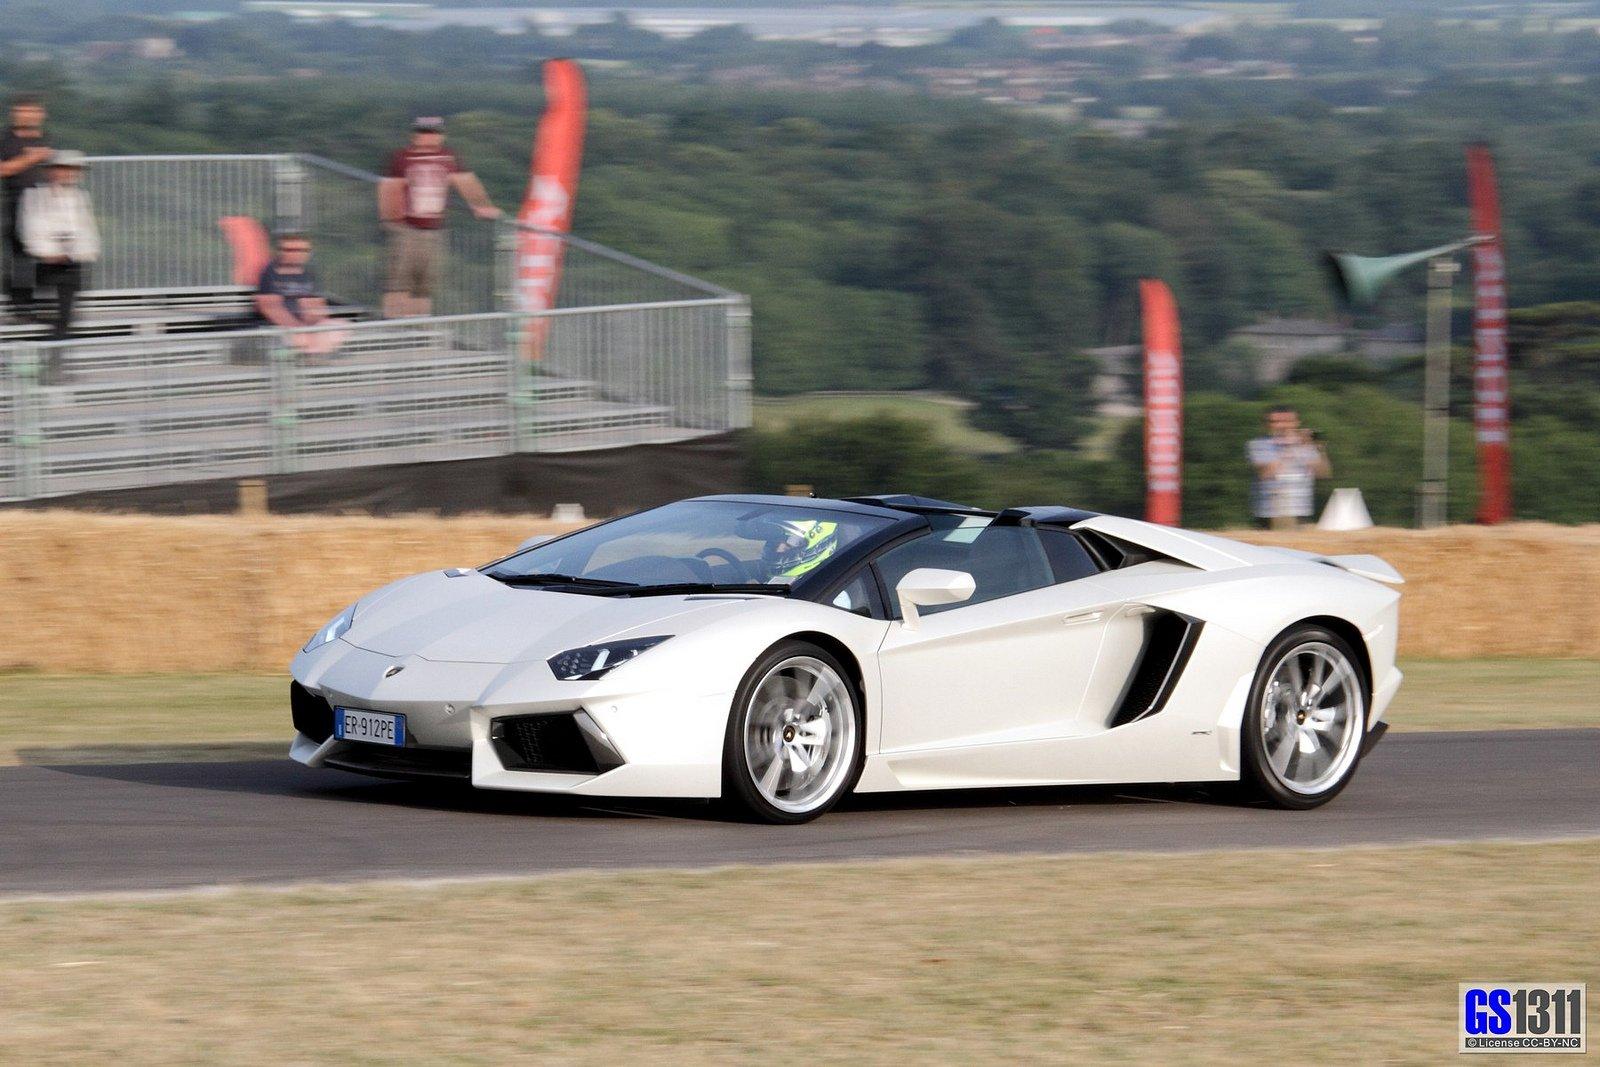 lamborghini aventador lp700 4 roadster white blanche italian supercars wallpaper 1600x1067 394190 wallpaperup - Lamborghini Aventador Roadster White